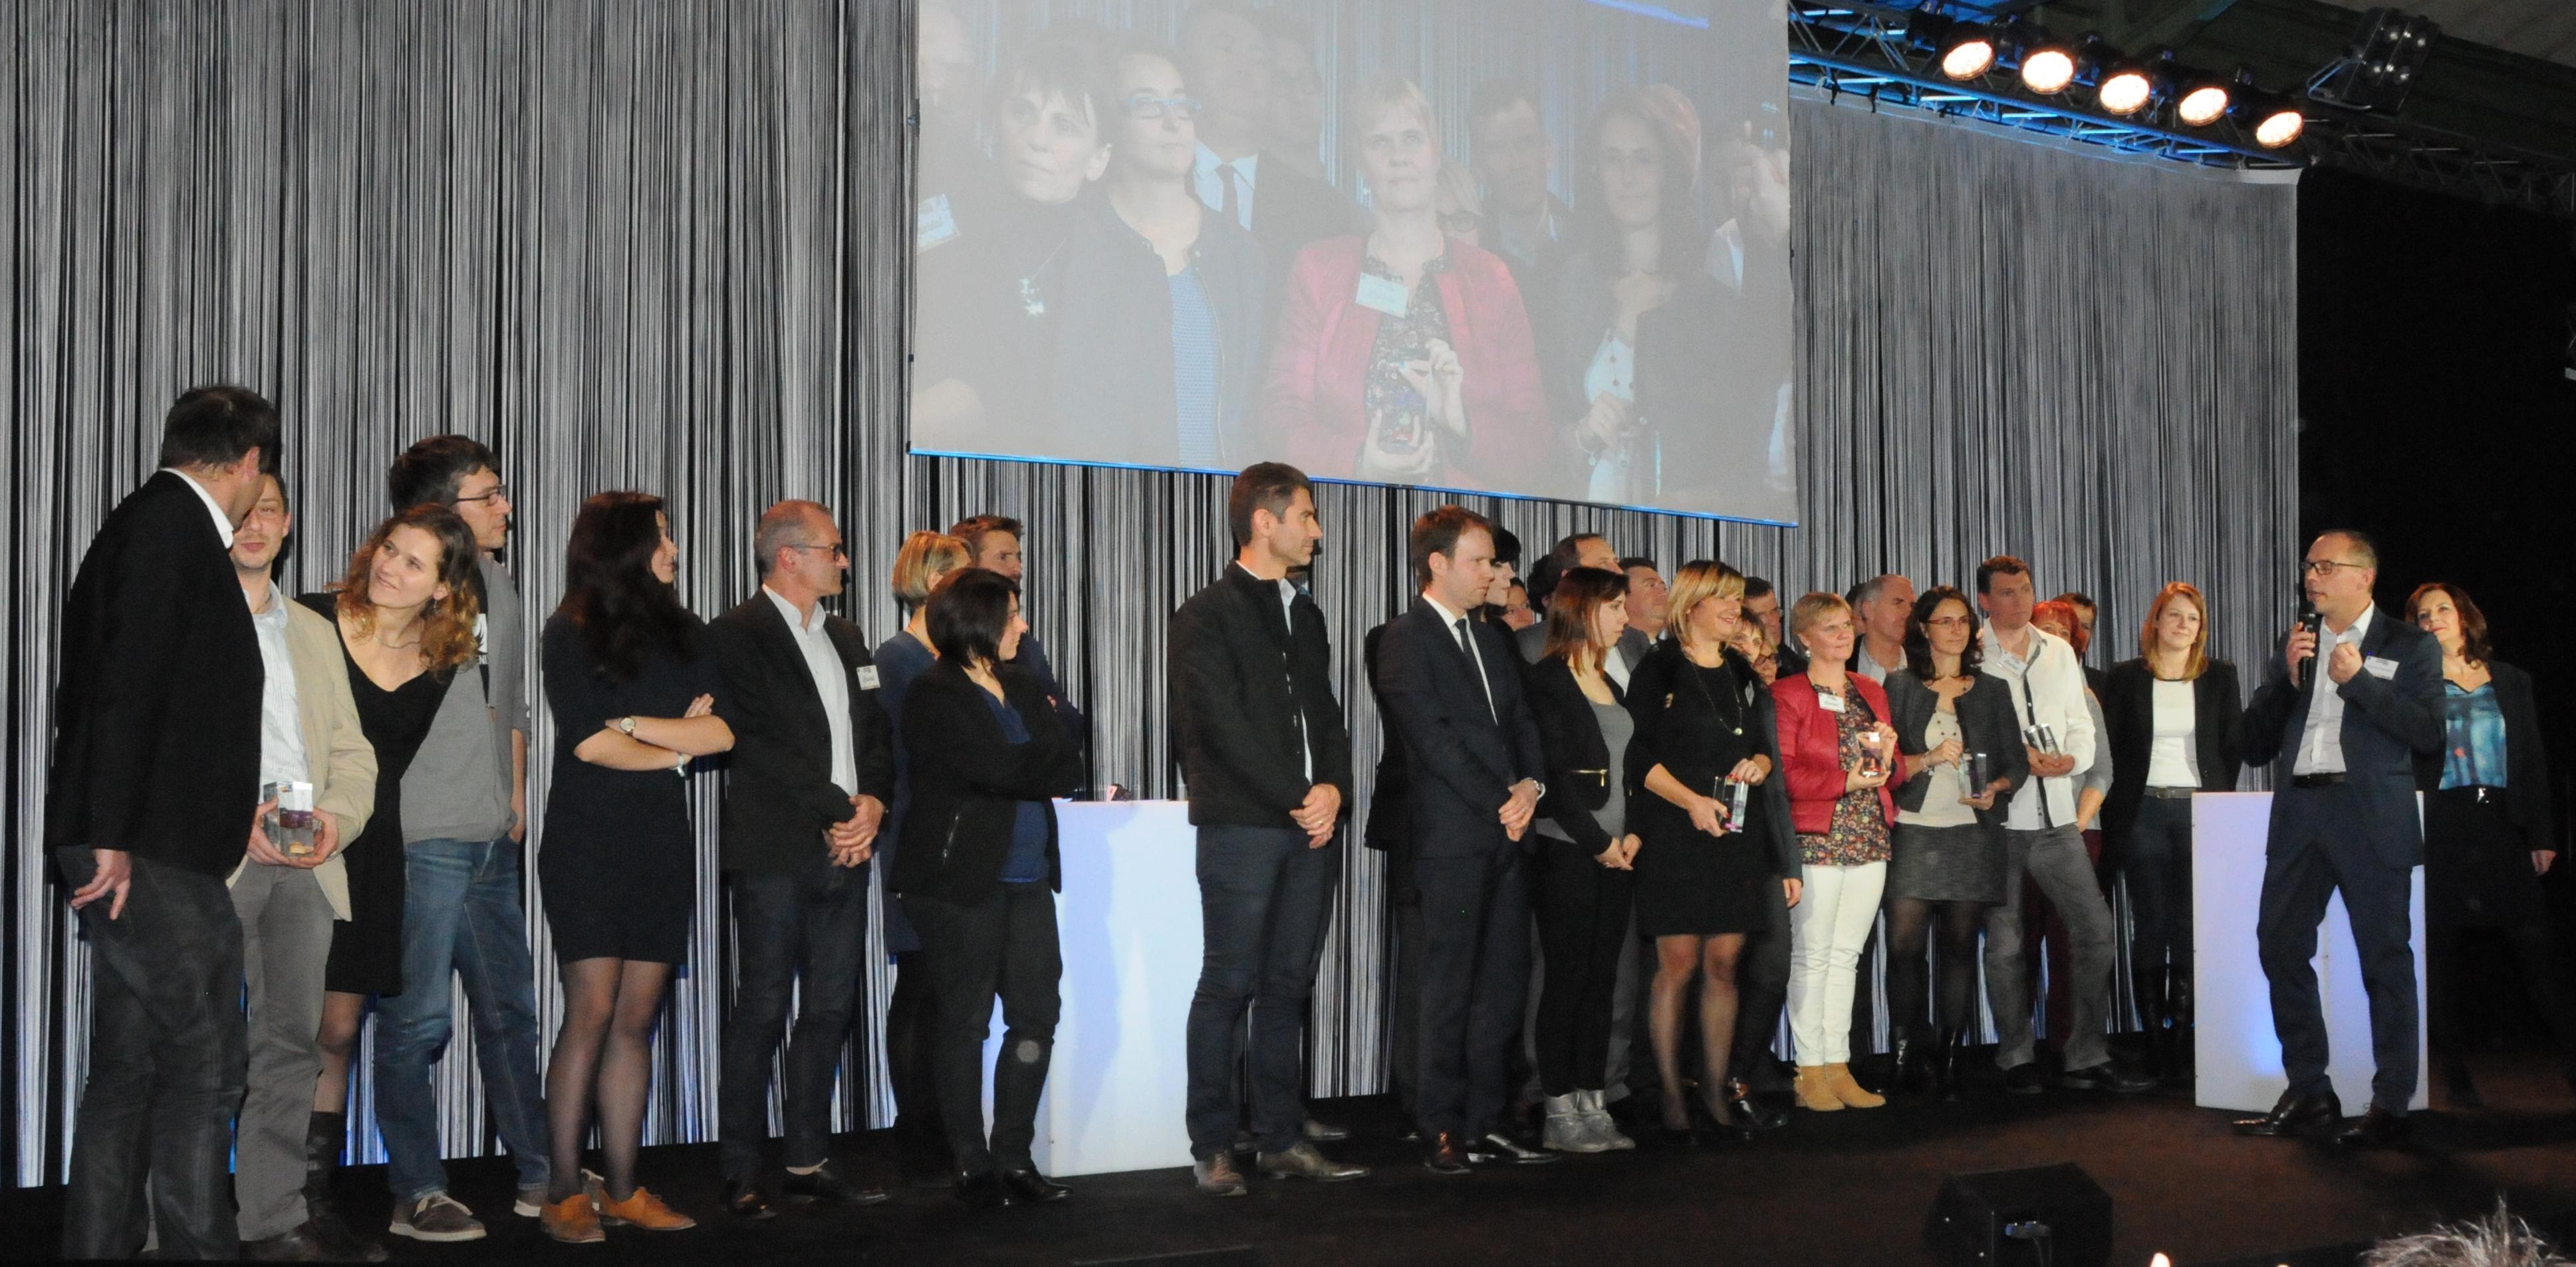 Trophées du Commerce soirée de remise des prix 2015